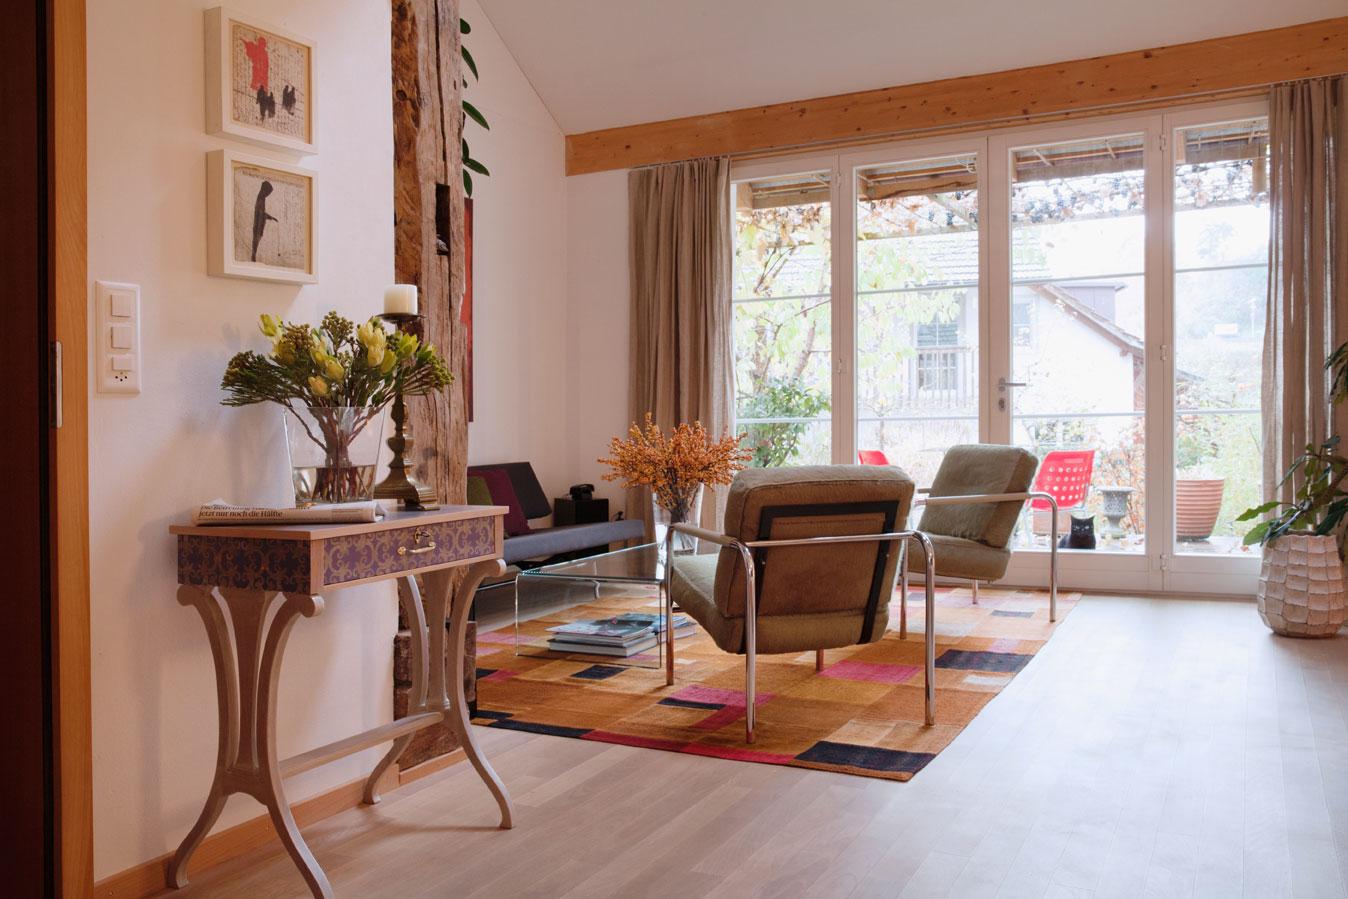 Antike Mobel Modernen Wohnraumen